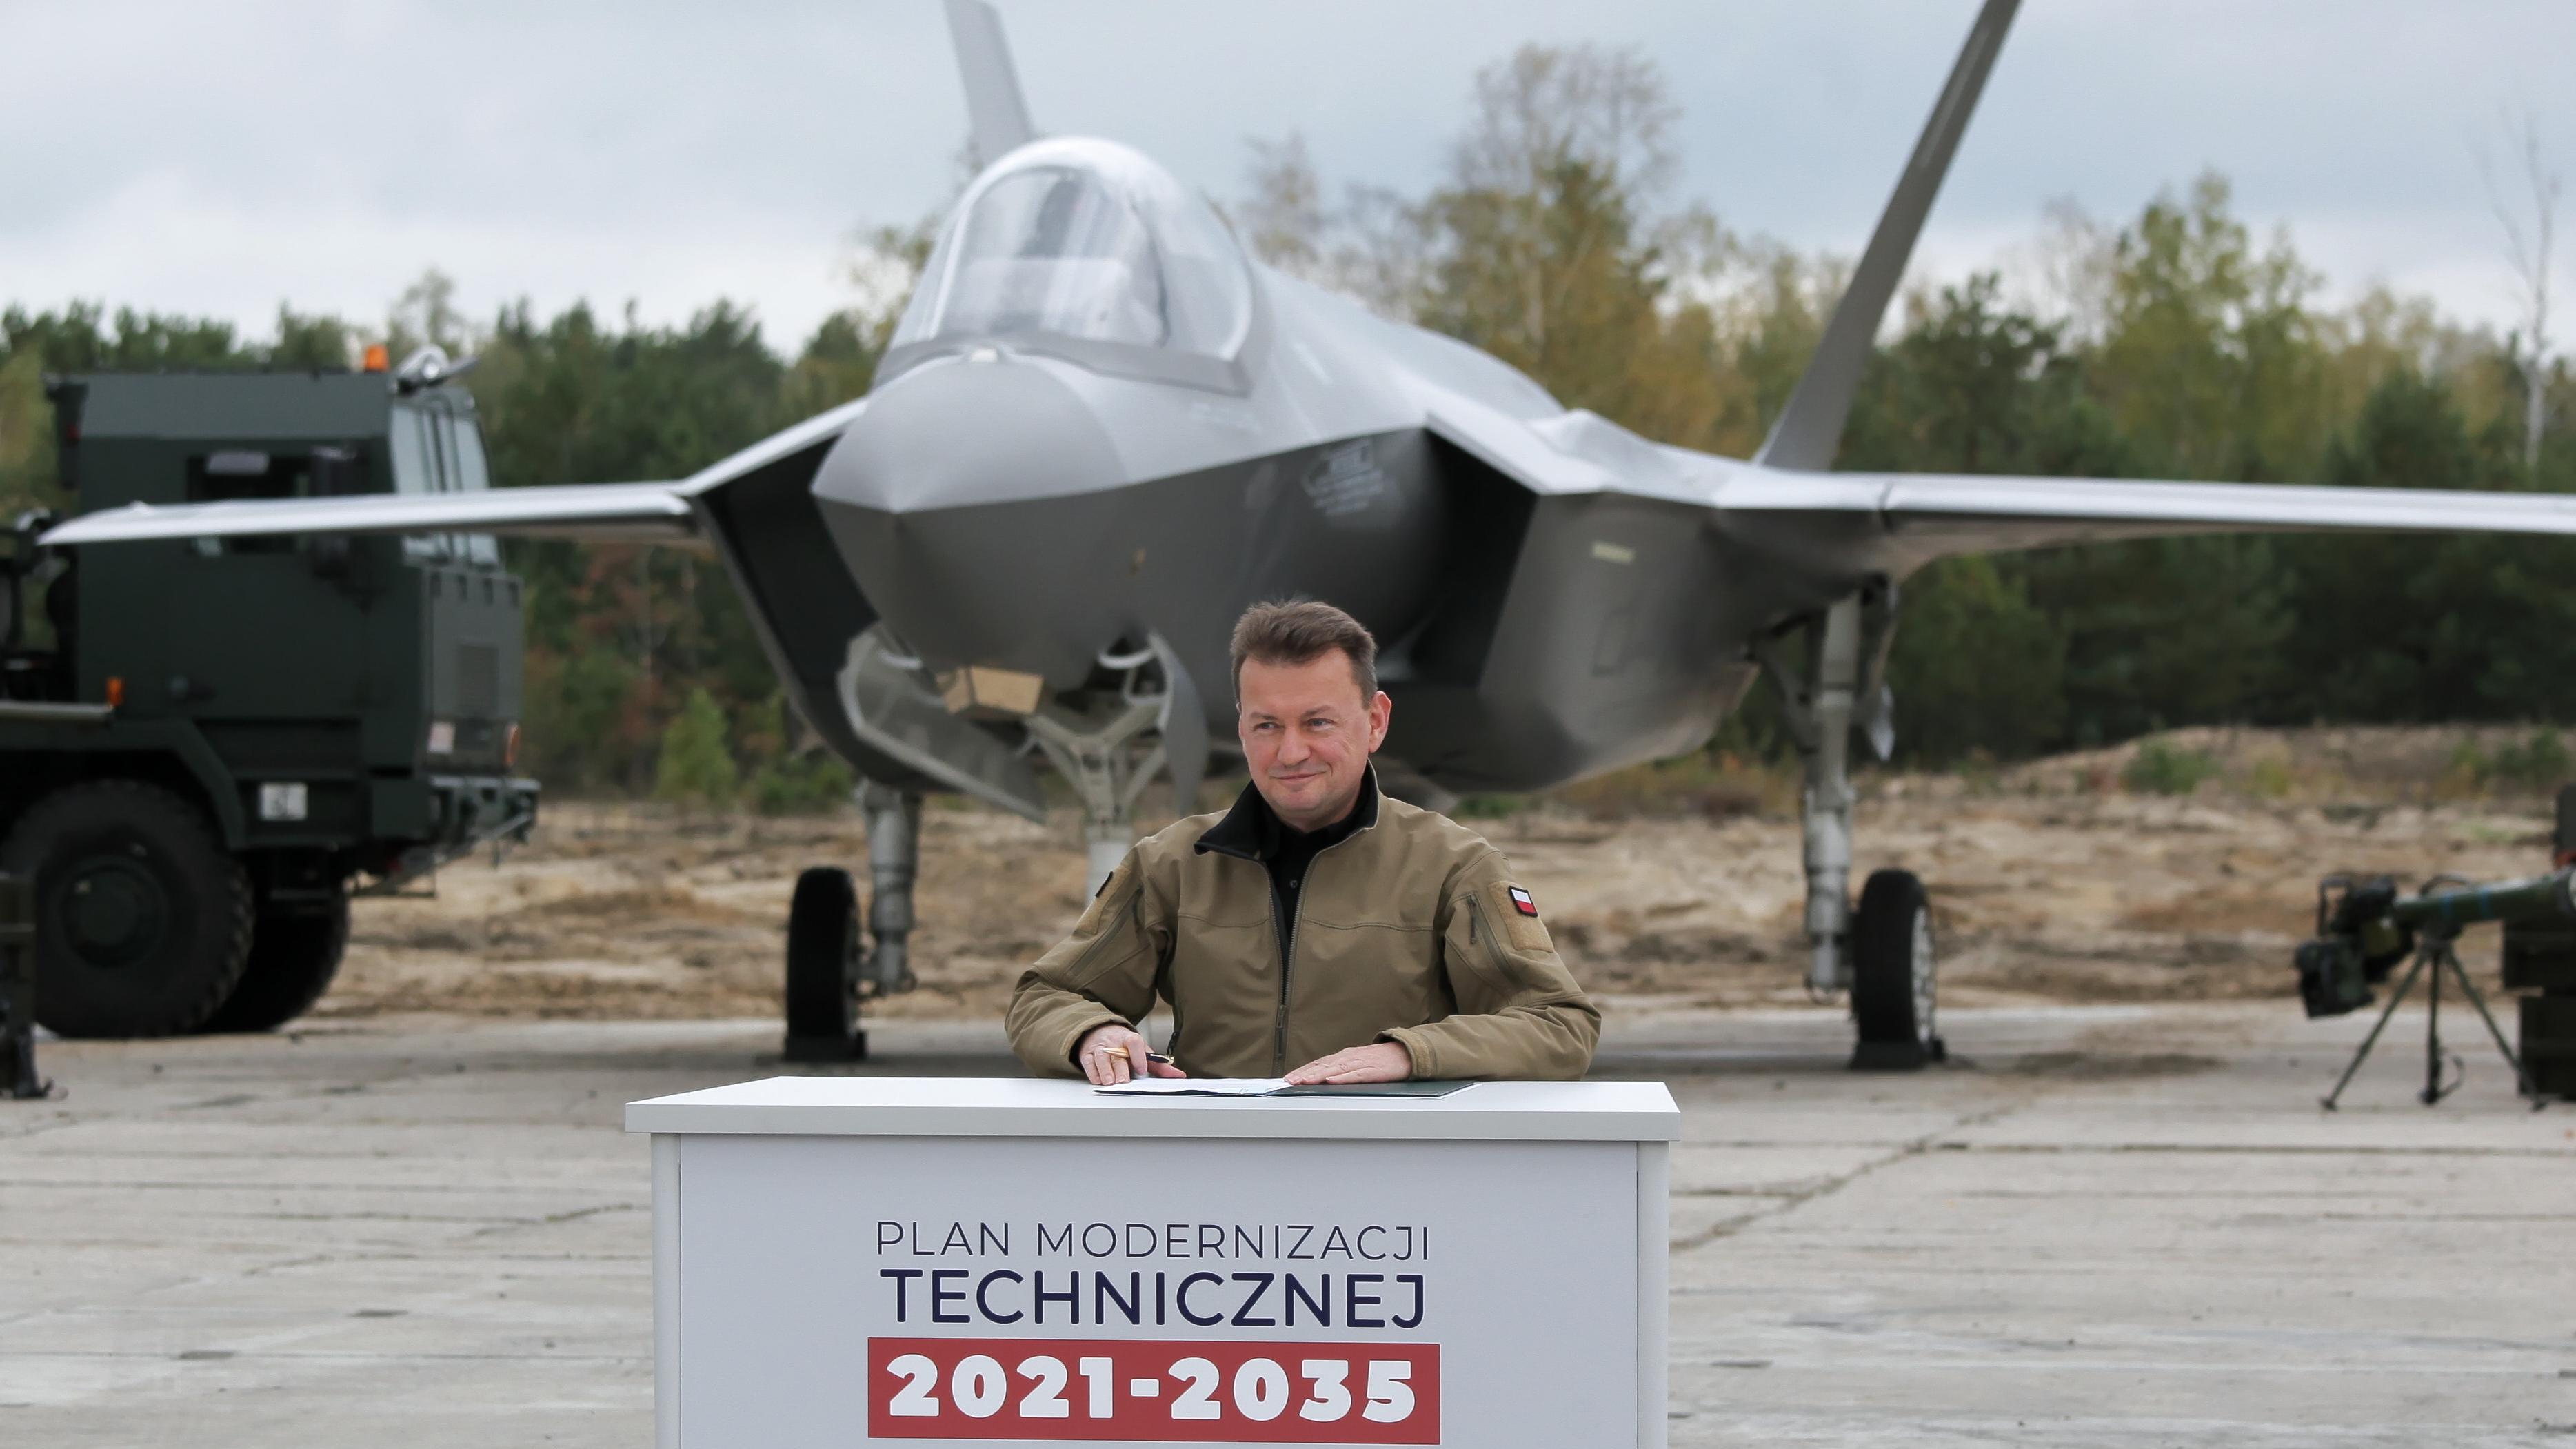 Polska kupi F-35. Mariusz Błaszczak ujawnił kwotę - Wiadomości